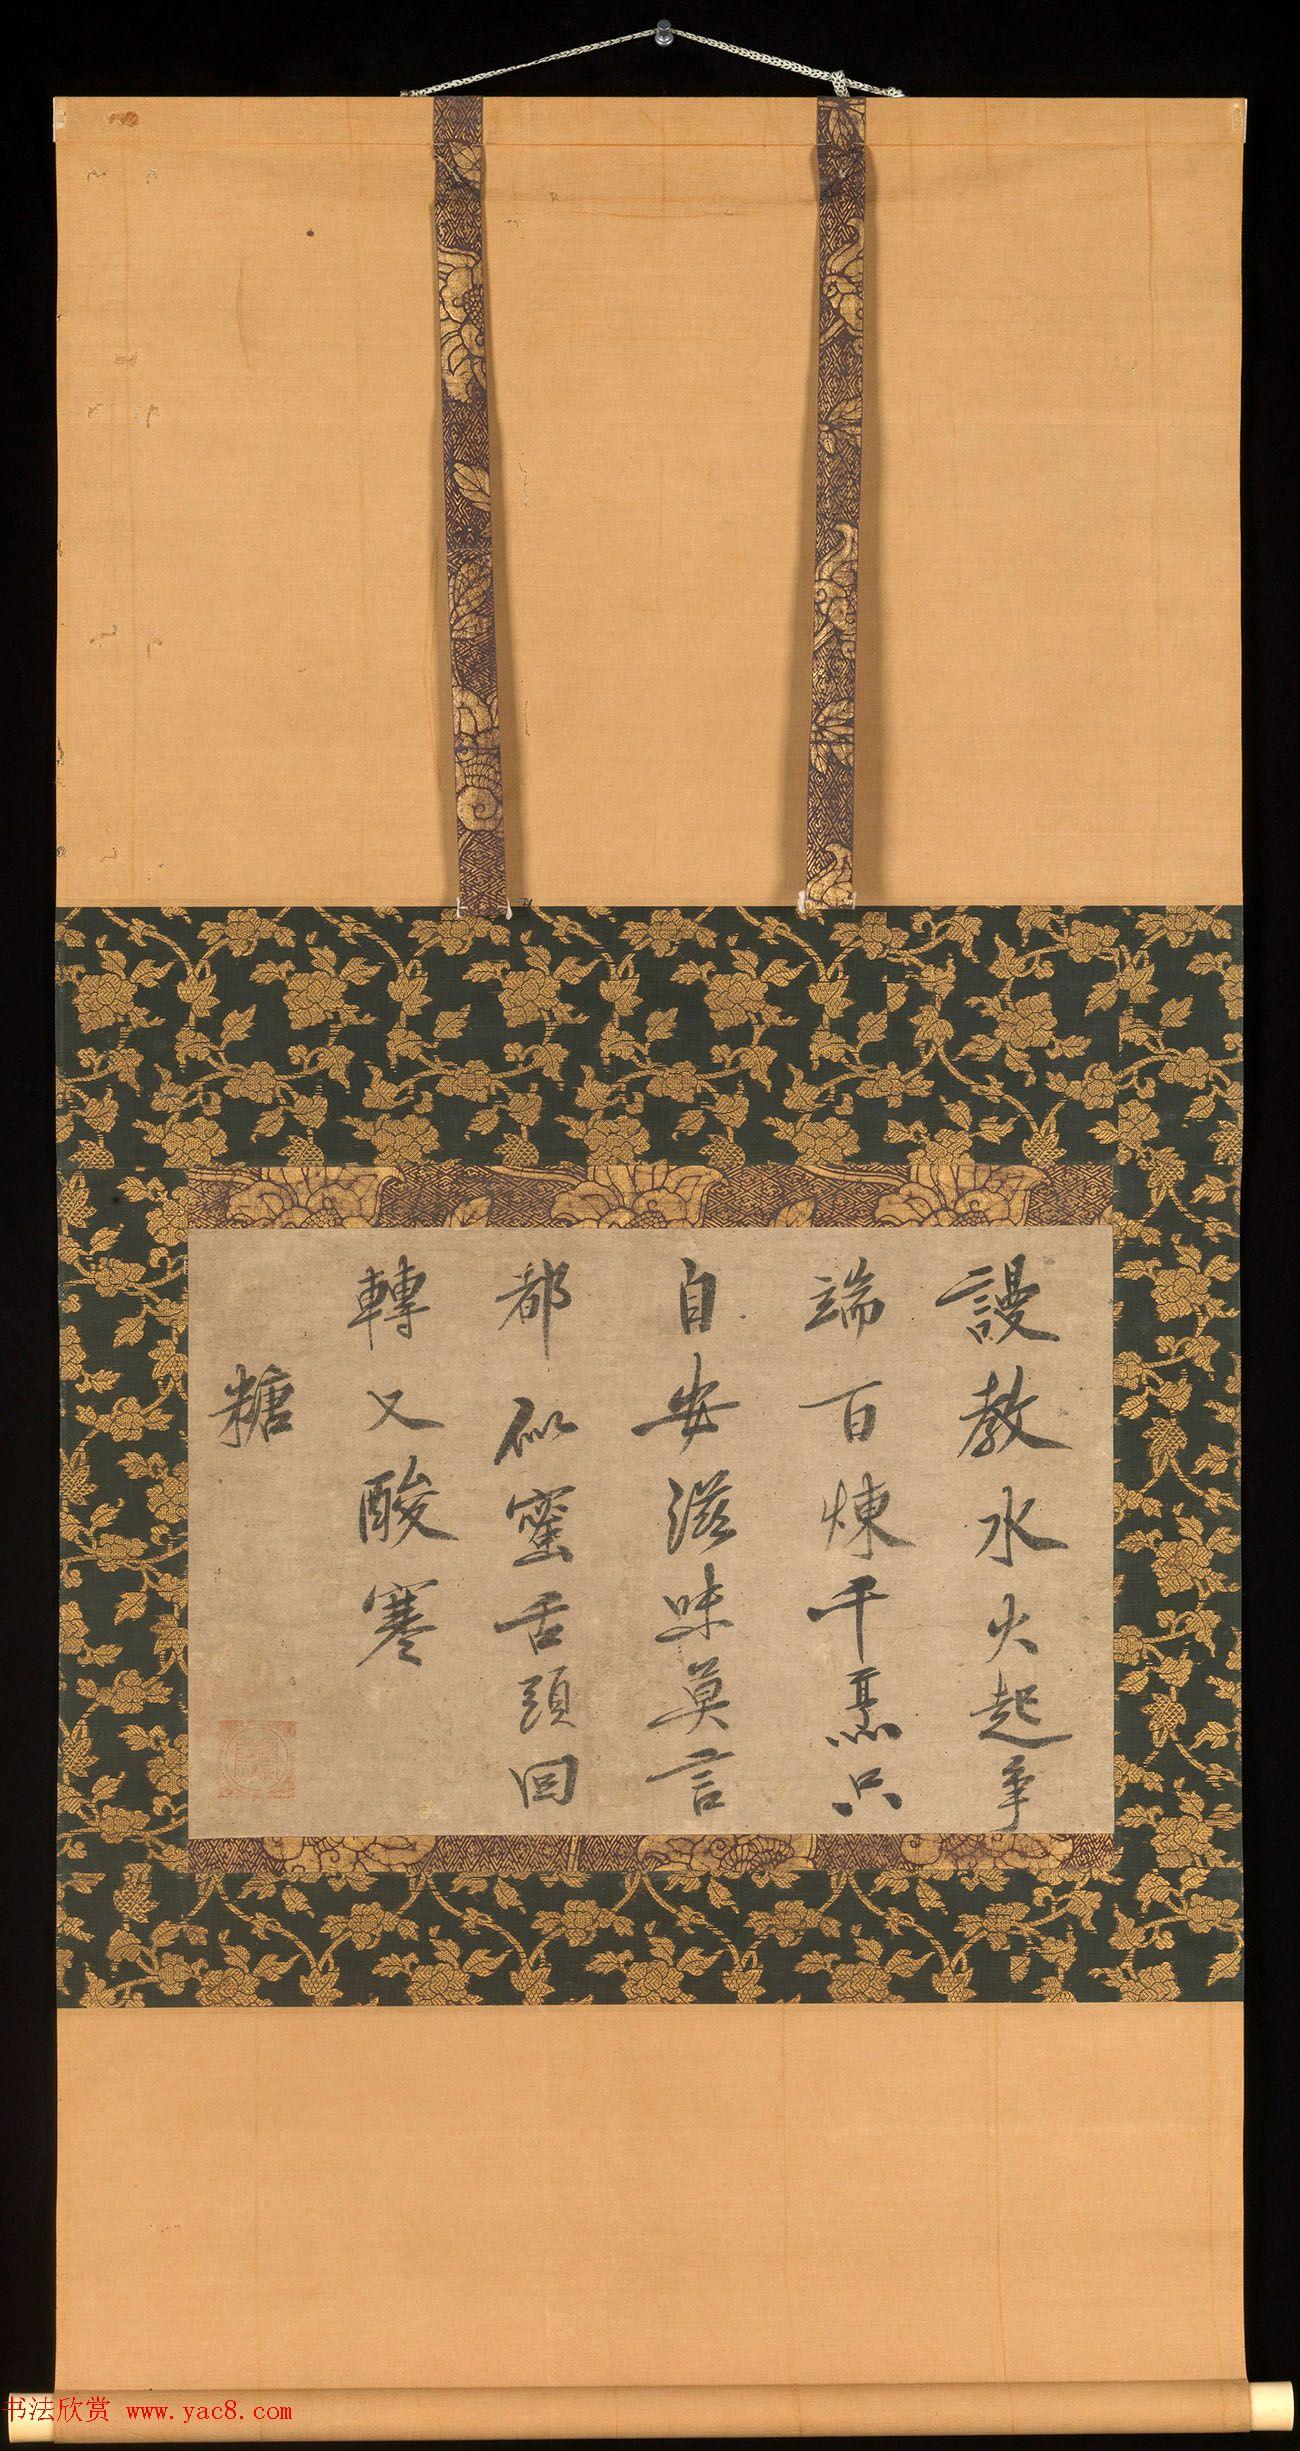 日本禅僧虎关师炼书法墨迹欣赏